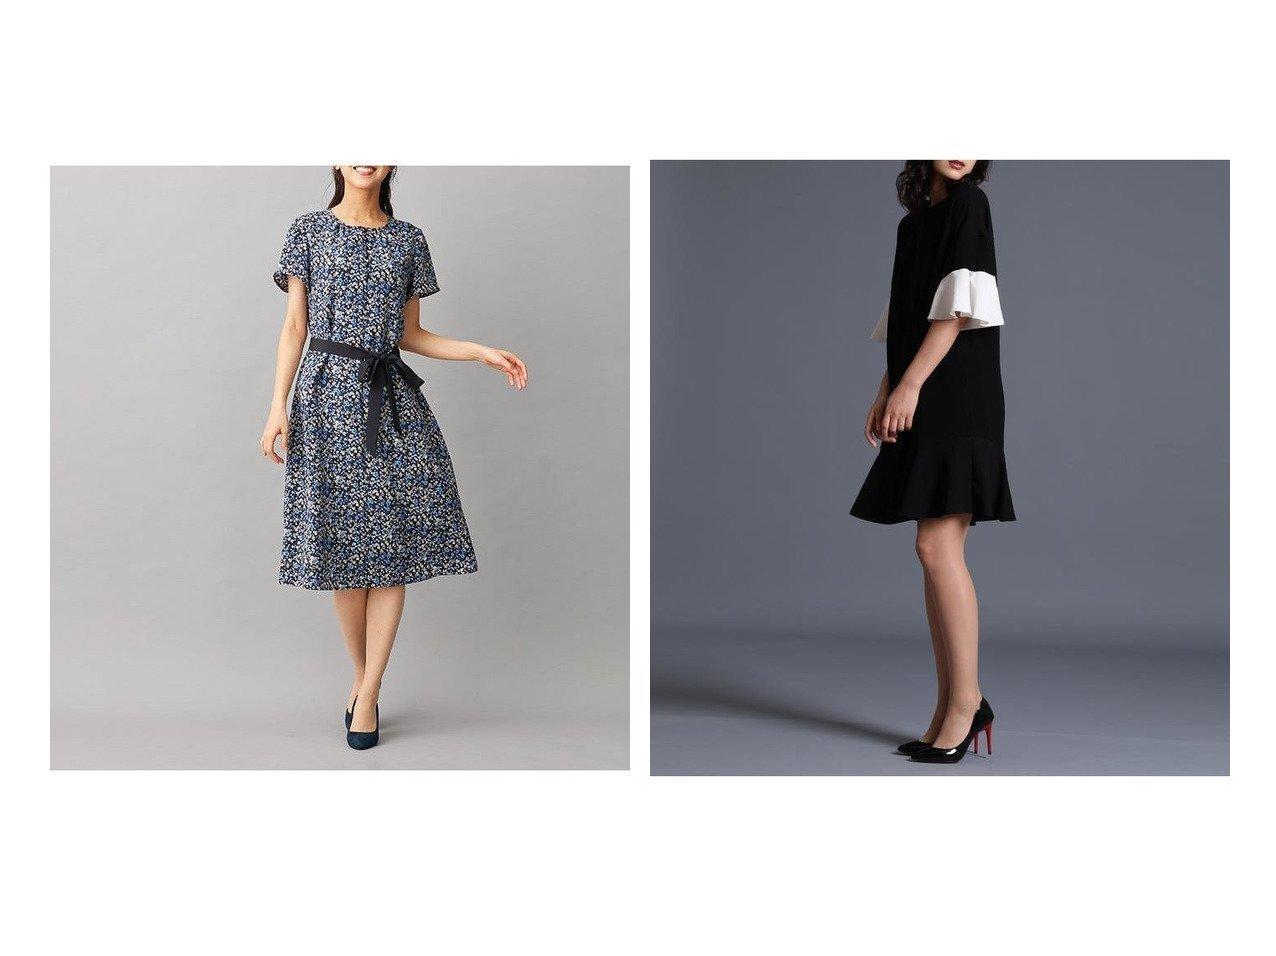 【ef-de/エフデ】の《M Maglie le cassetto》フレアスリーブドレス&【LEILIAN/レリアン】のフラワープリントワンピ-ス ワンピース・ドレスのおすすめ!人気、レディースファッションの通販  おすすめで人気のファッション通販商品 インテリア・家具・キッズファッション・メンズファッション・レディースファッション・服の通販 founy(ファニー) https://founy.com/ ファッション Fashion レディース WOMEN ワンピース Dress ドレス Party Dresses フラワー プリント リボン 半袖 ドレス フレア ボックス リラックス |ID:crp329100000002921